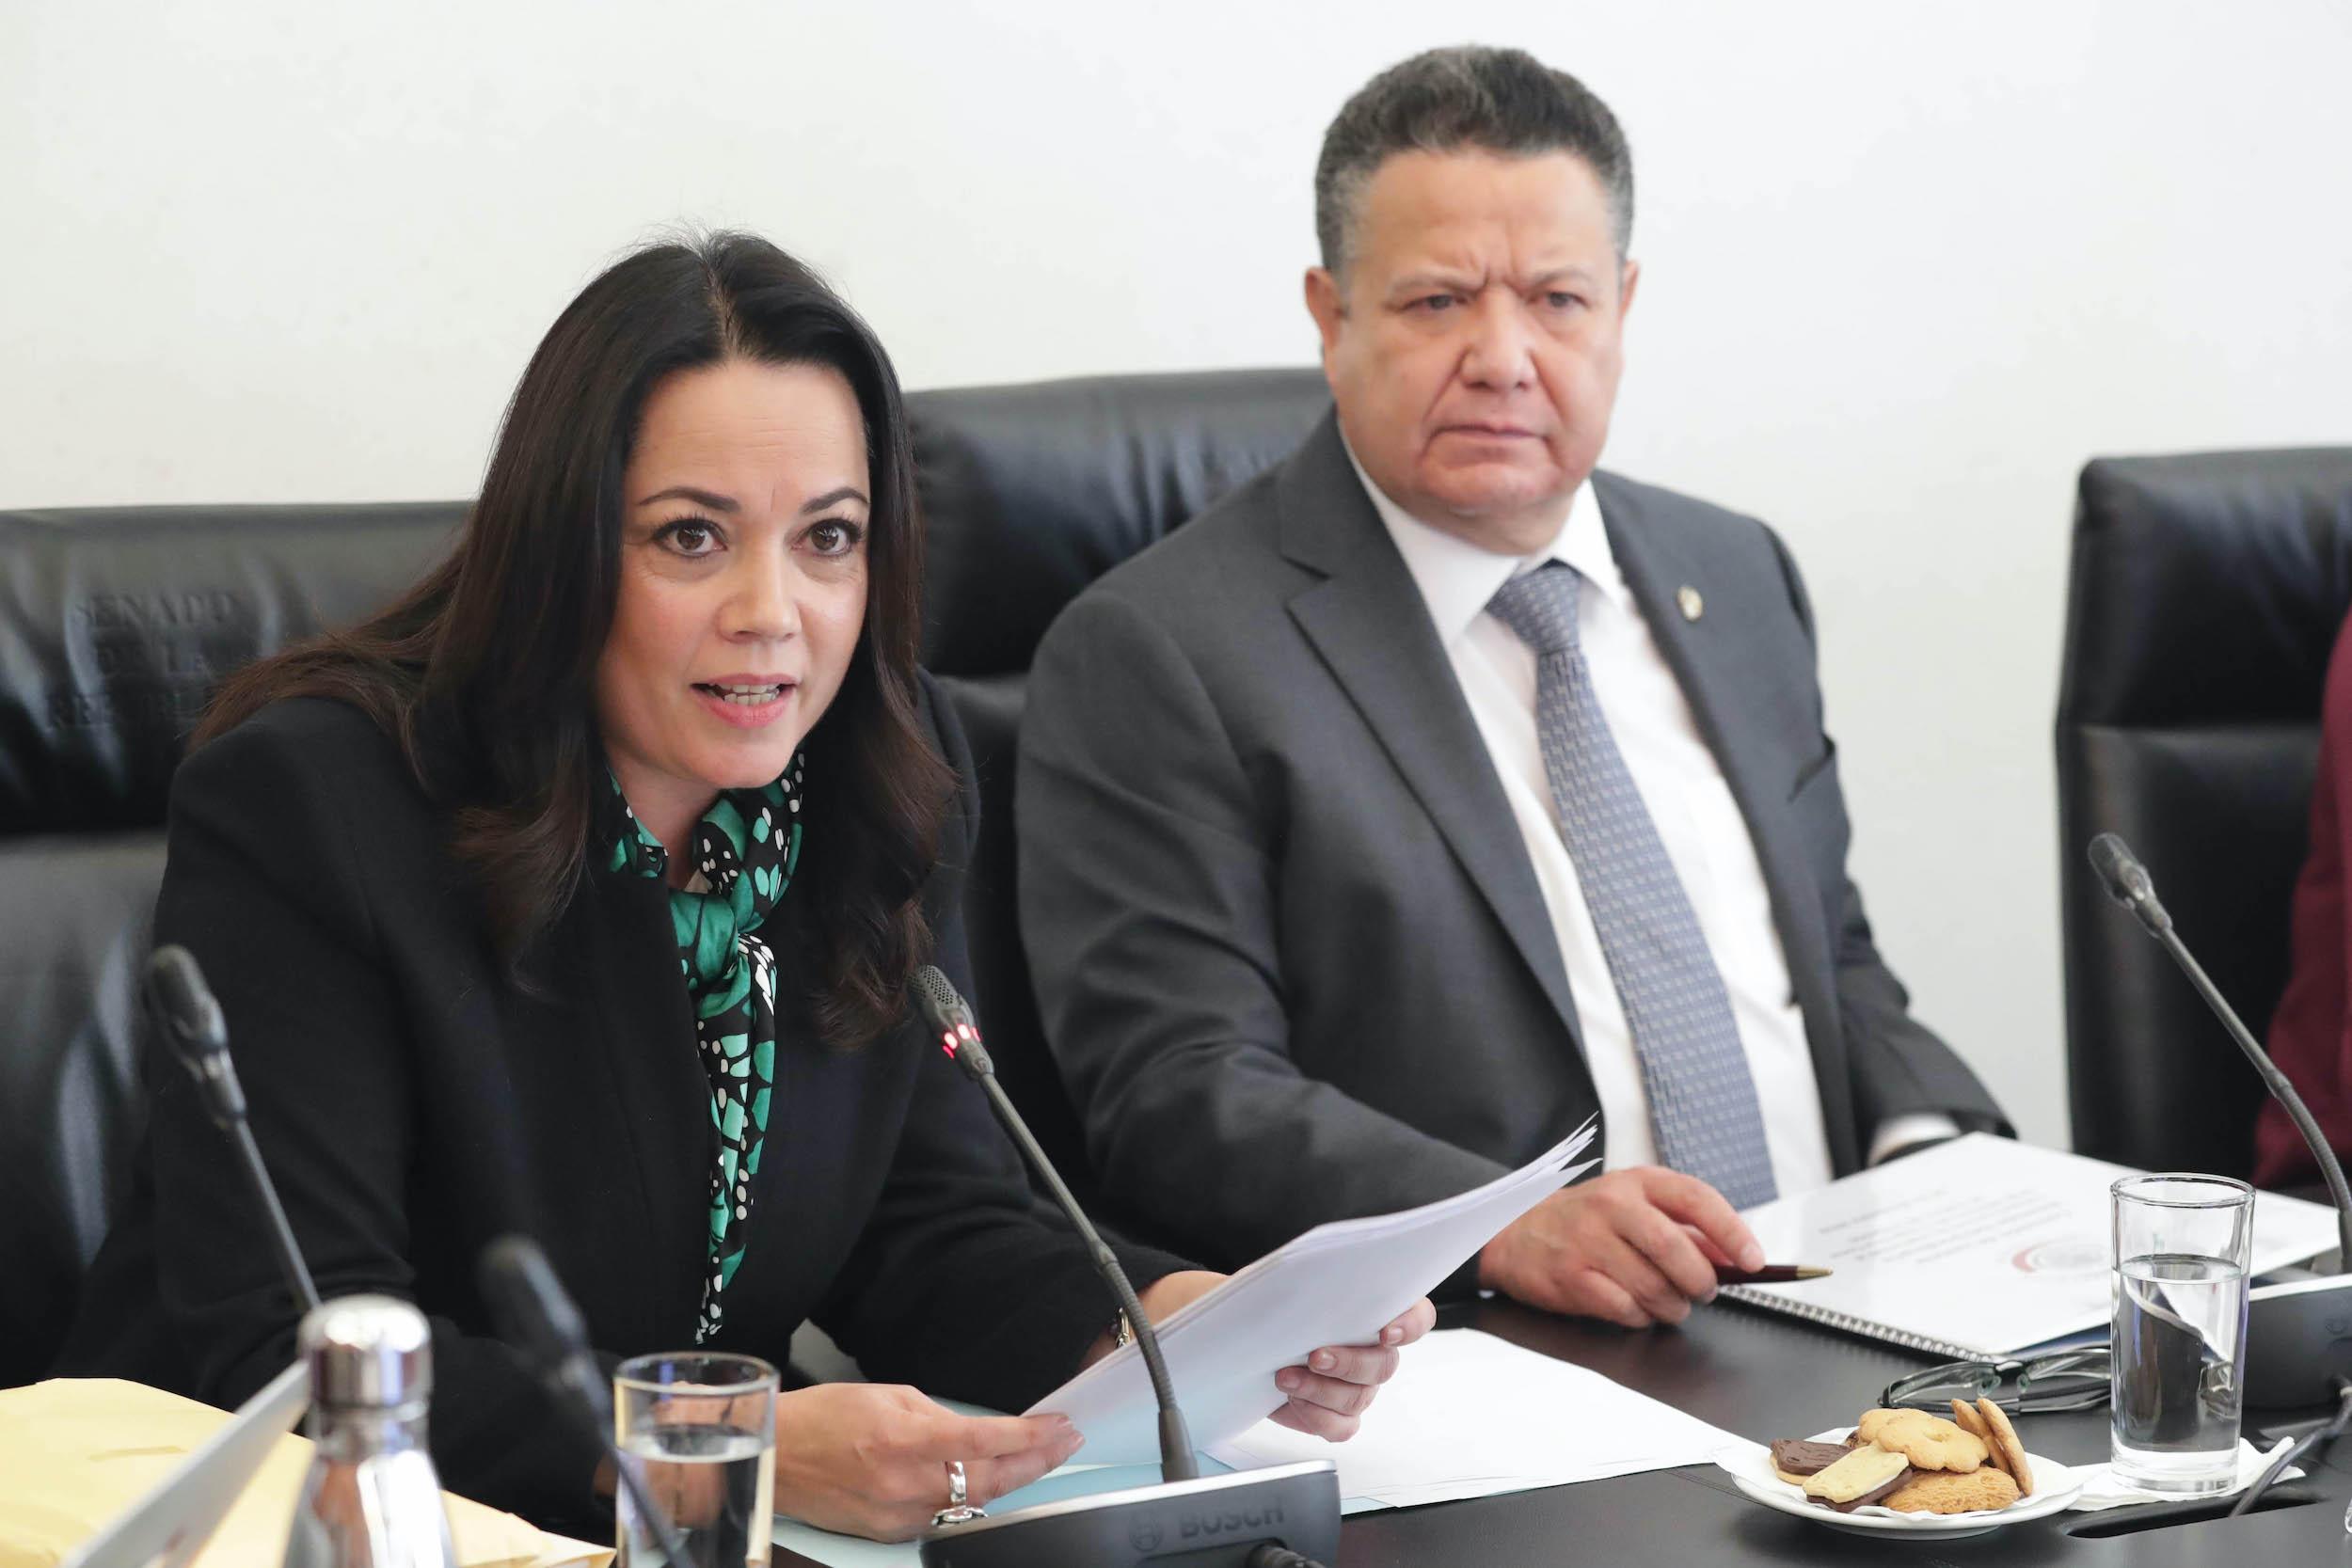 Diana Álvarez Maury en la Reunión de la Comisión de Justicia, comparecencias de las aspirantes a ocupar el cargo de Ministra de la SCJN. Foto de Senado de la República.